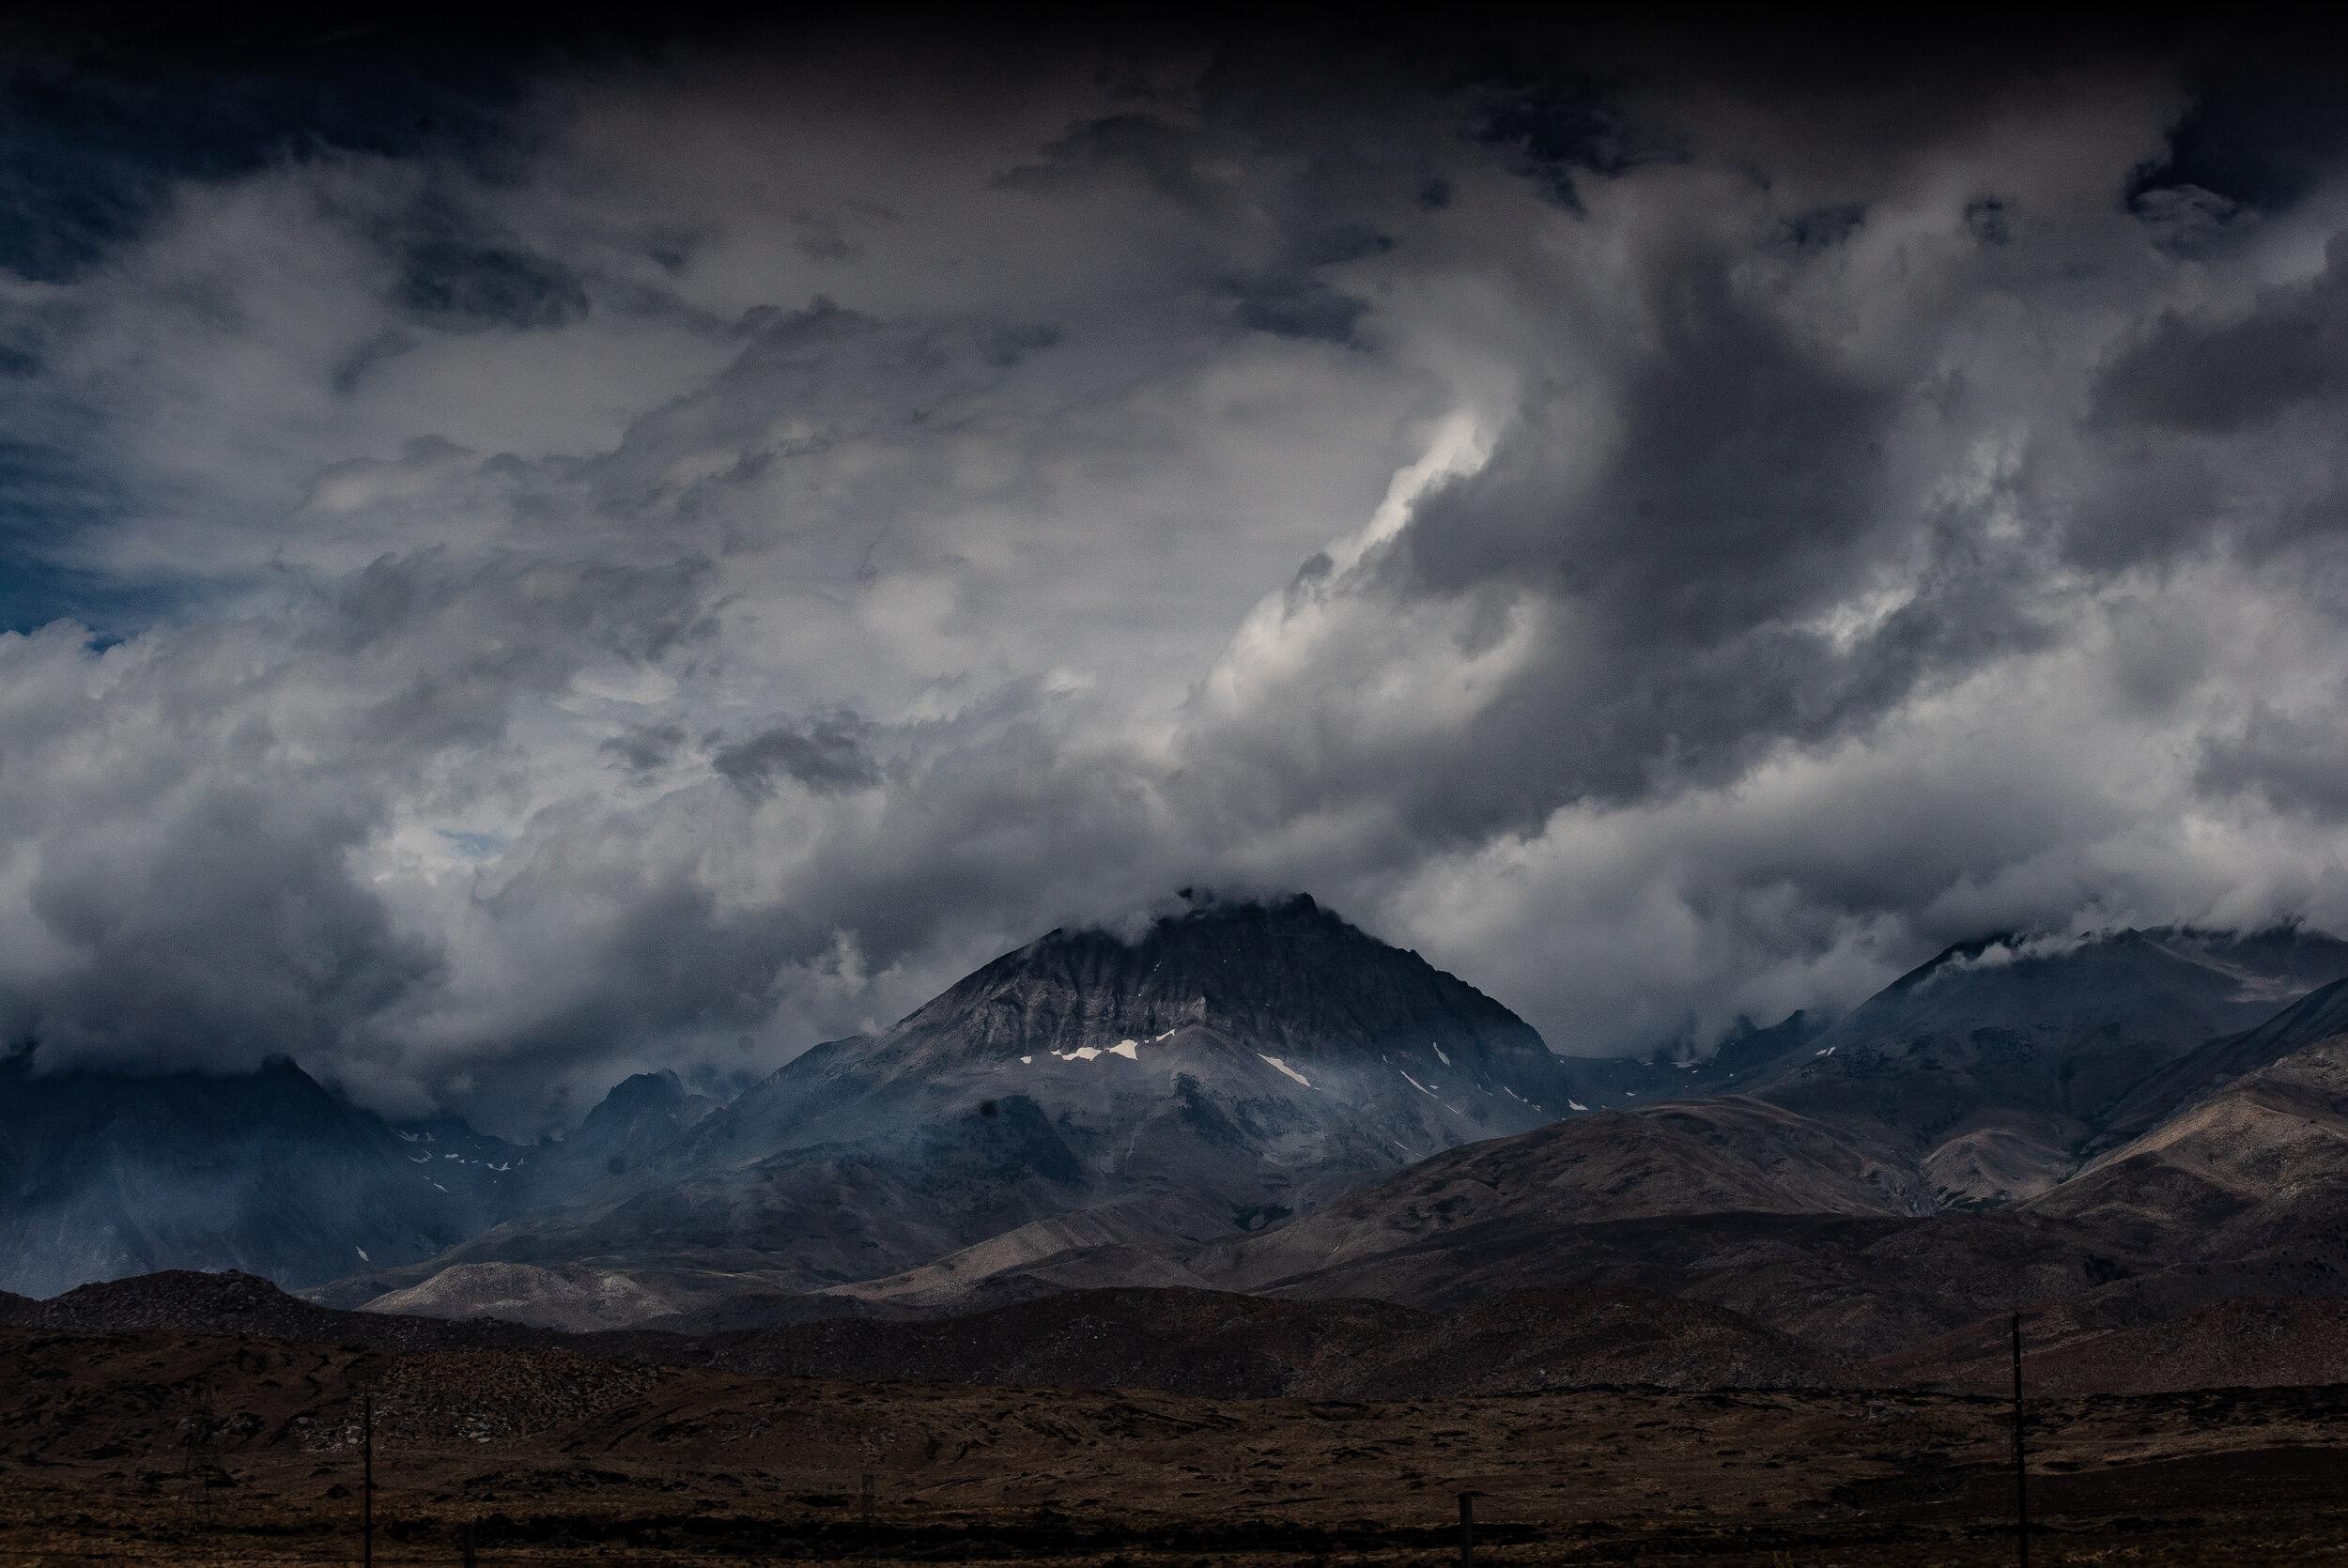 Sierras w Rumsey 2019-22.jpg